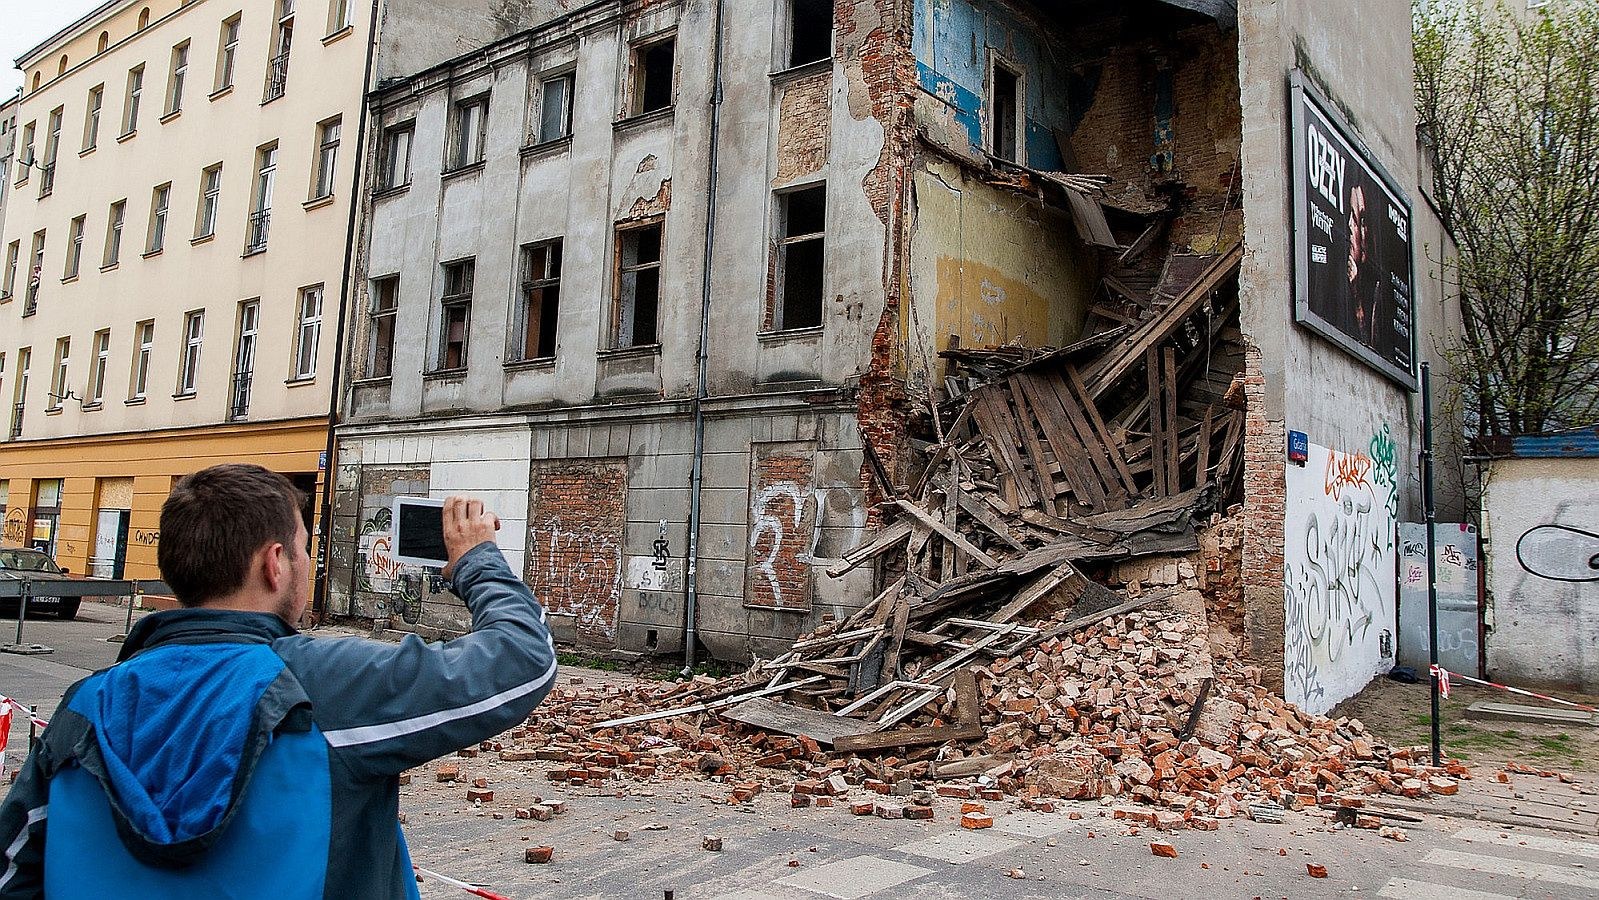 Łódź, miasto po przejściach. Na zdjęciu zawalona kamienica u zbiegu ulic Gdańskiej i 6-go Sierpnia